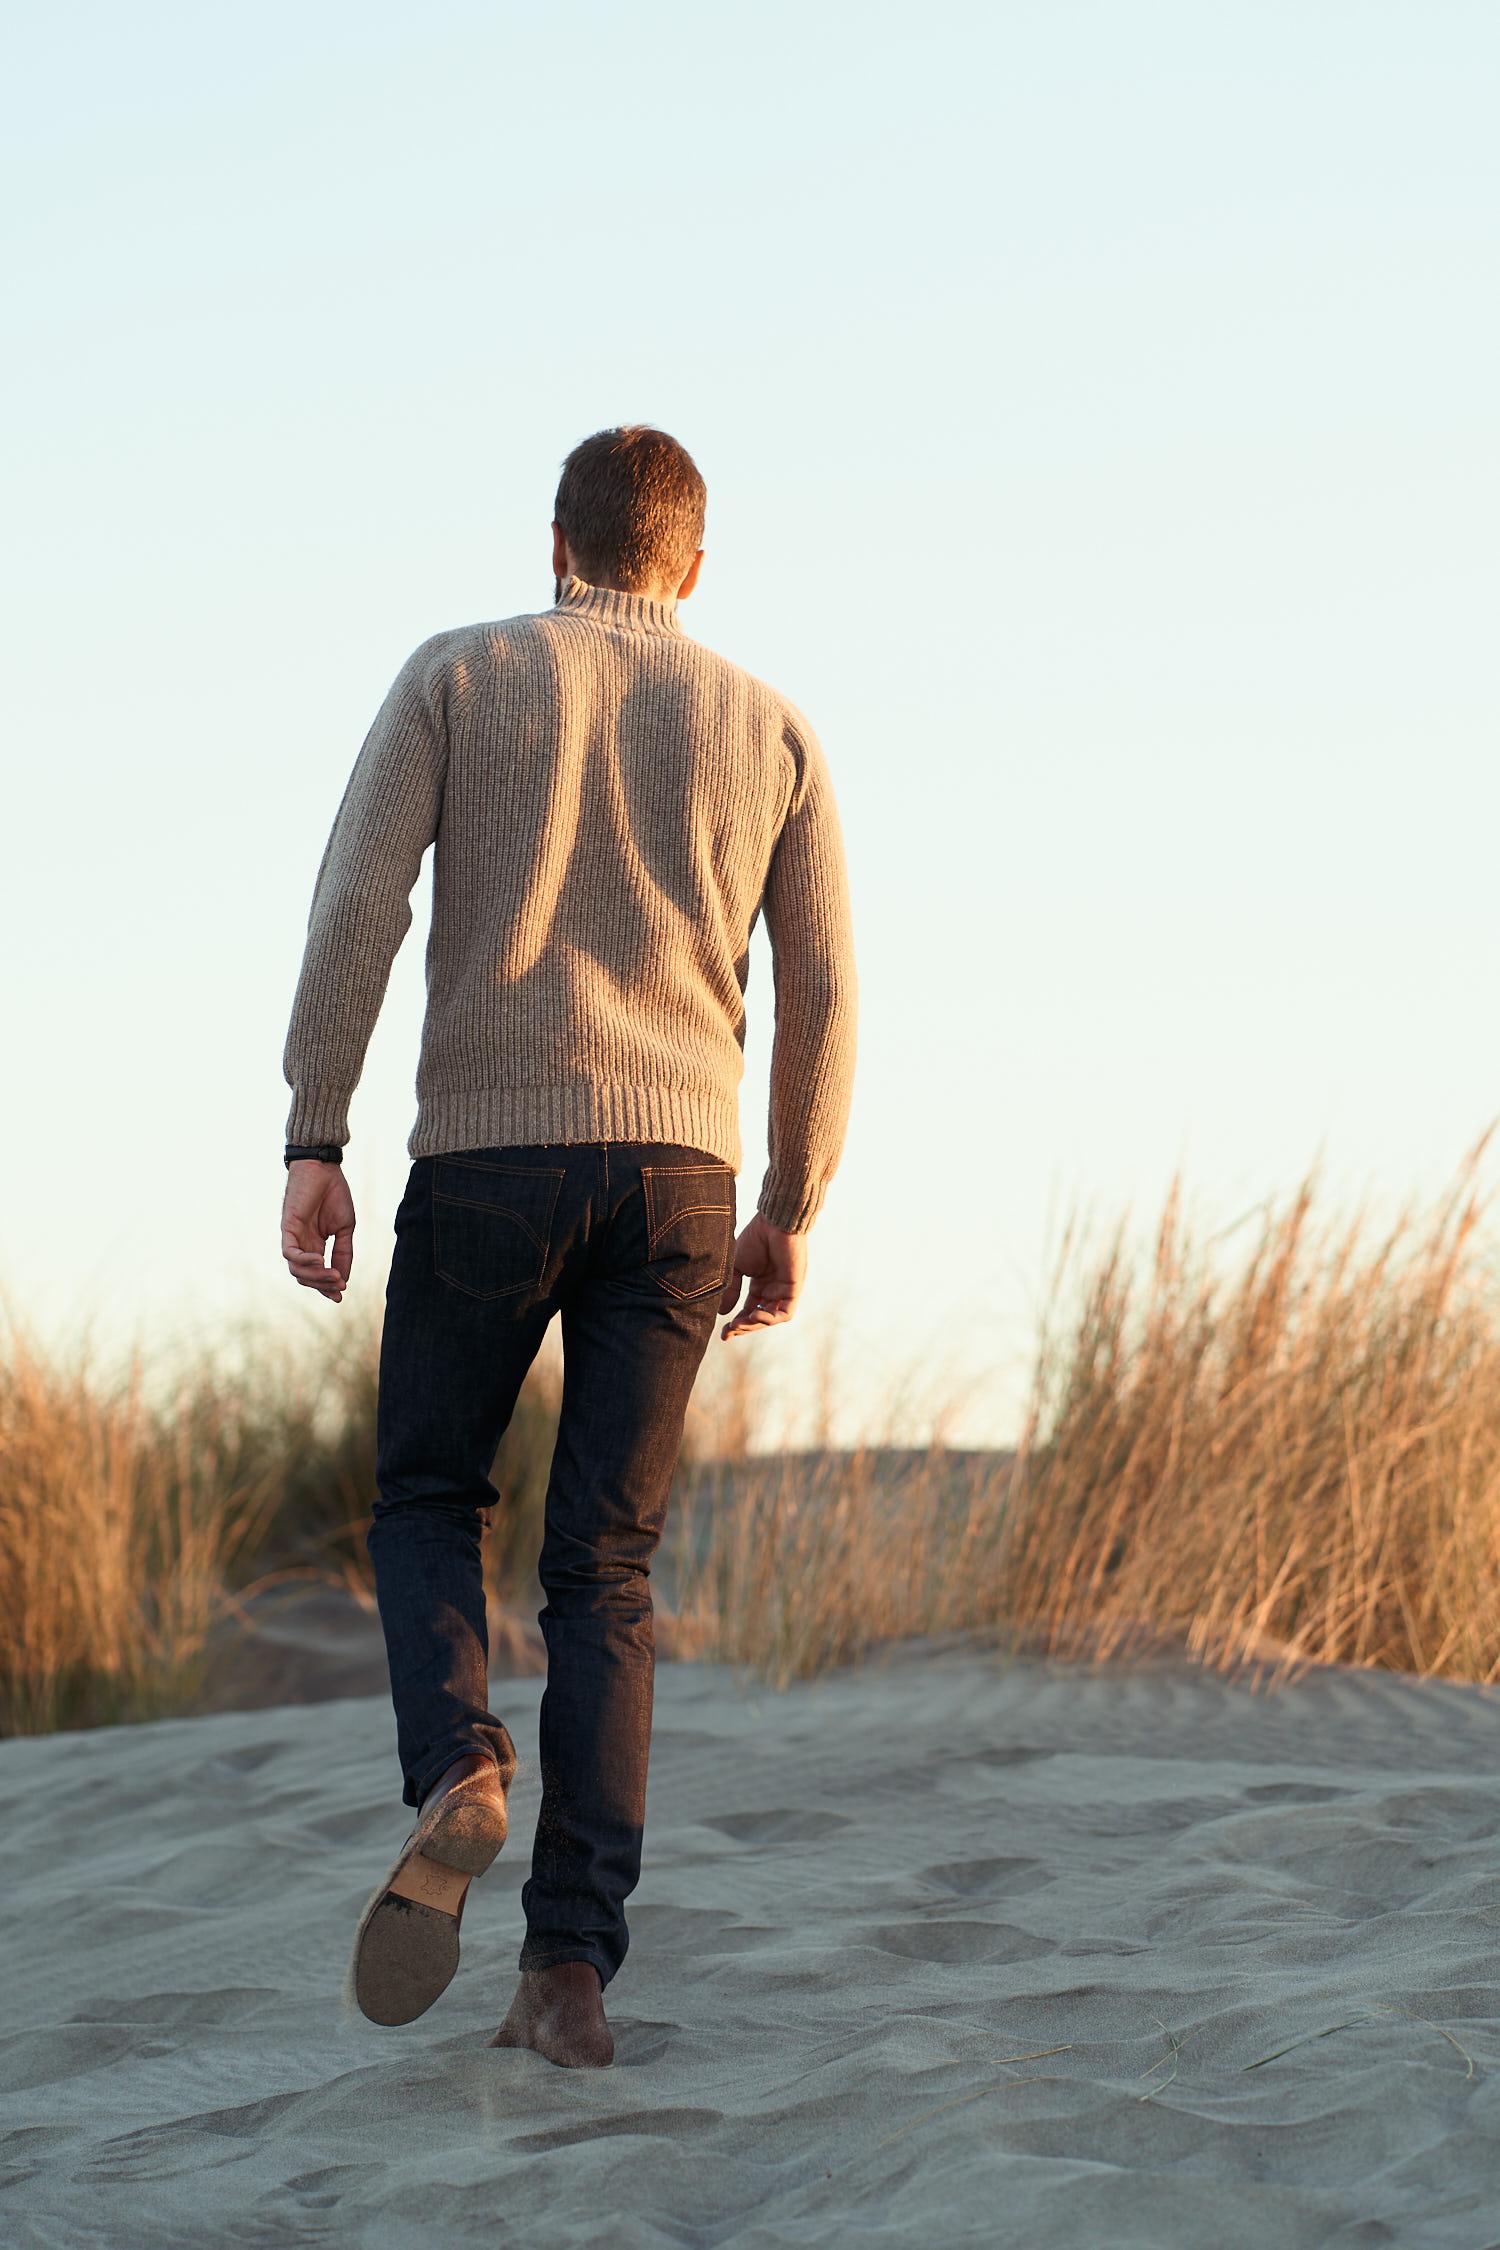 homme portant un pull over en laine mérinos de dos